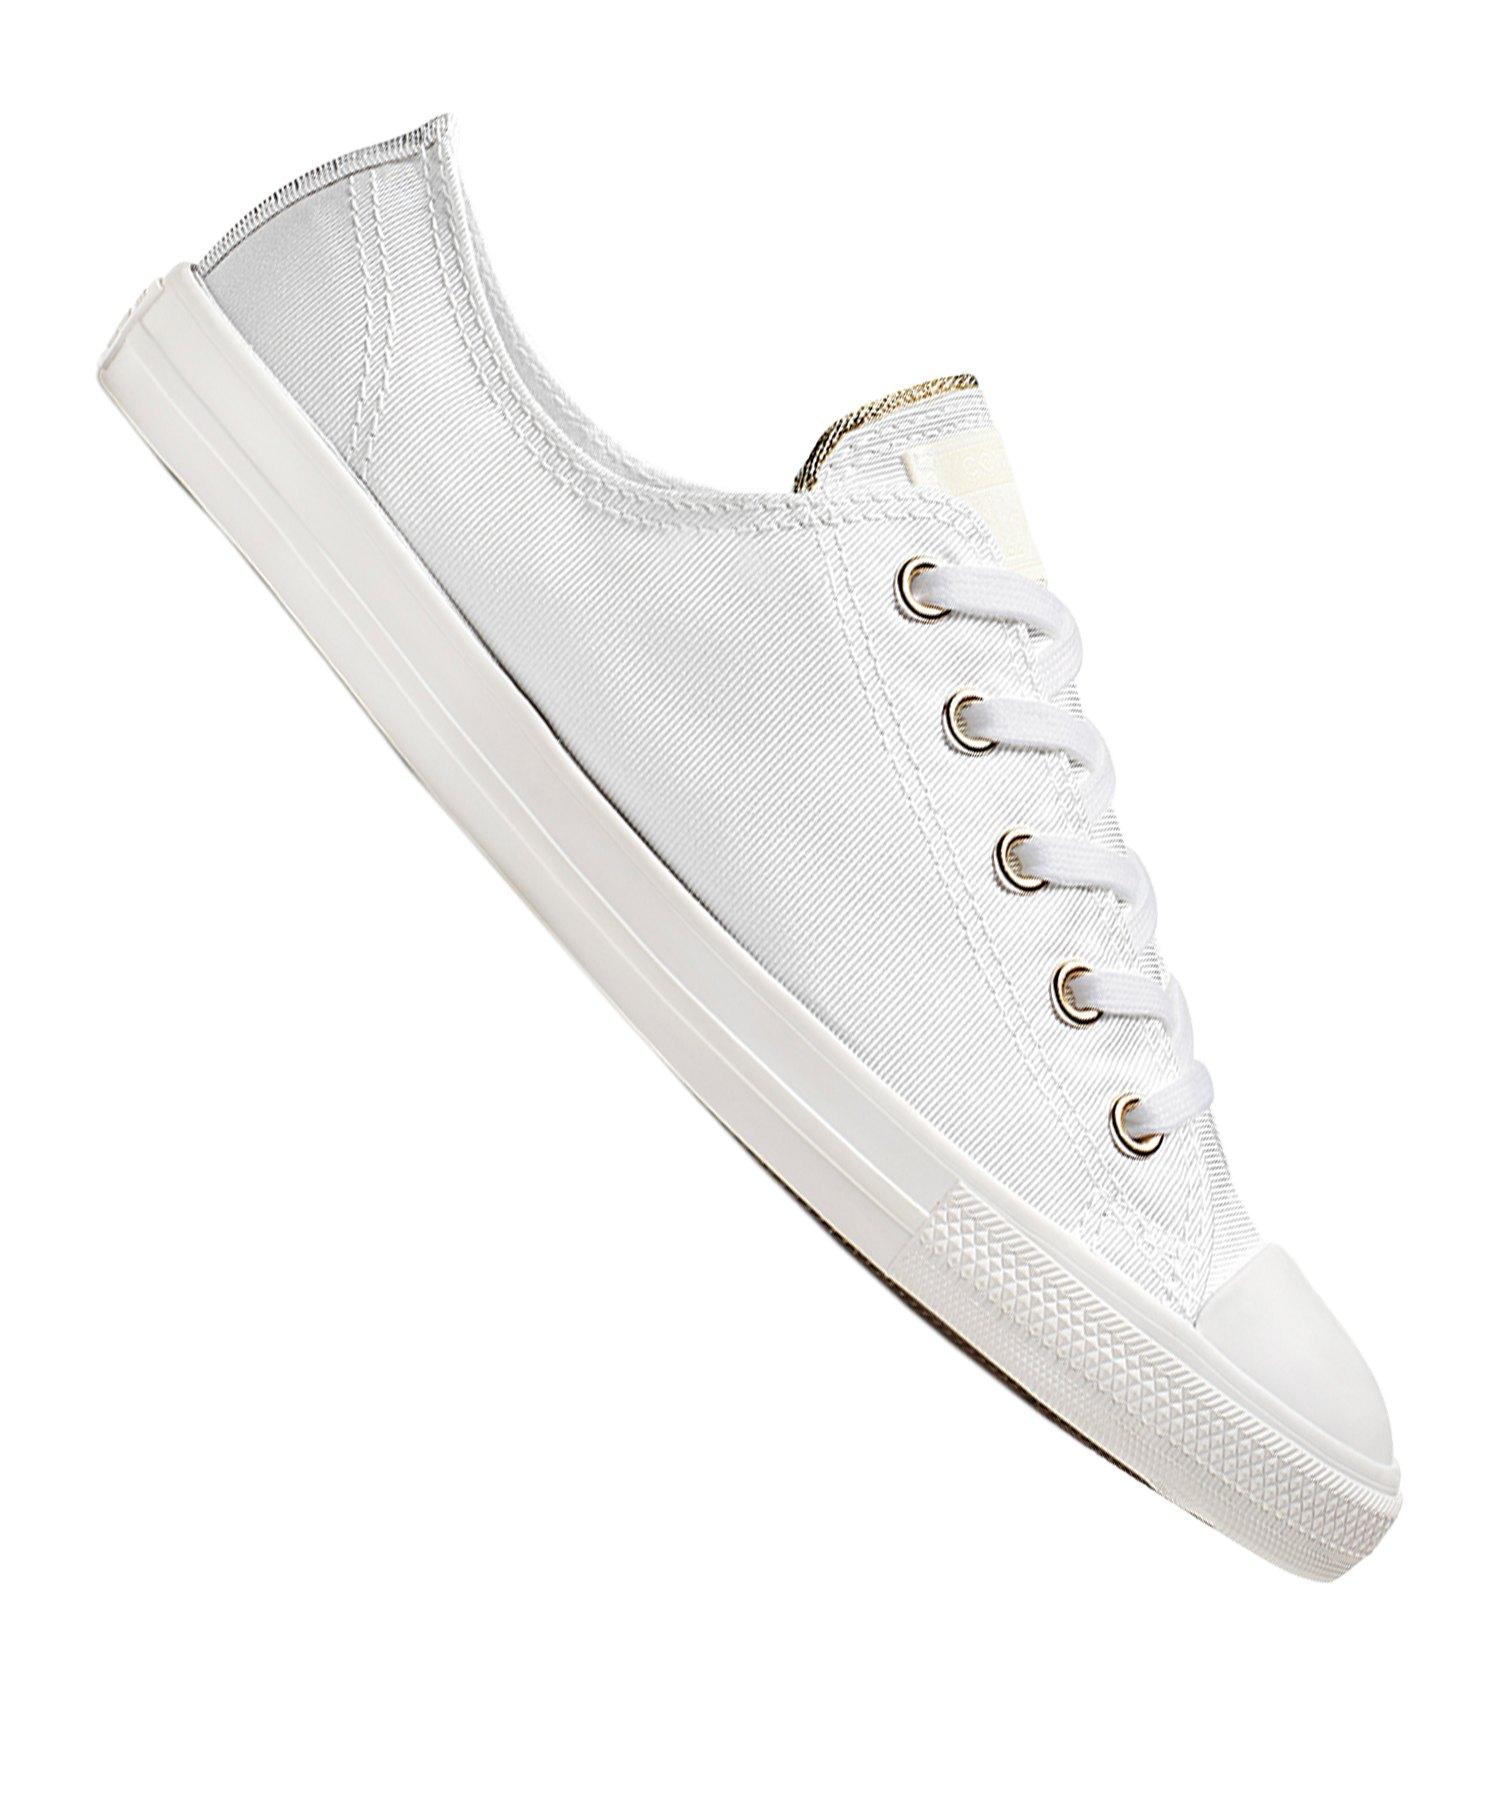 Converse Chuck Taylor AS OX Sneaker Damen 102